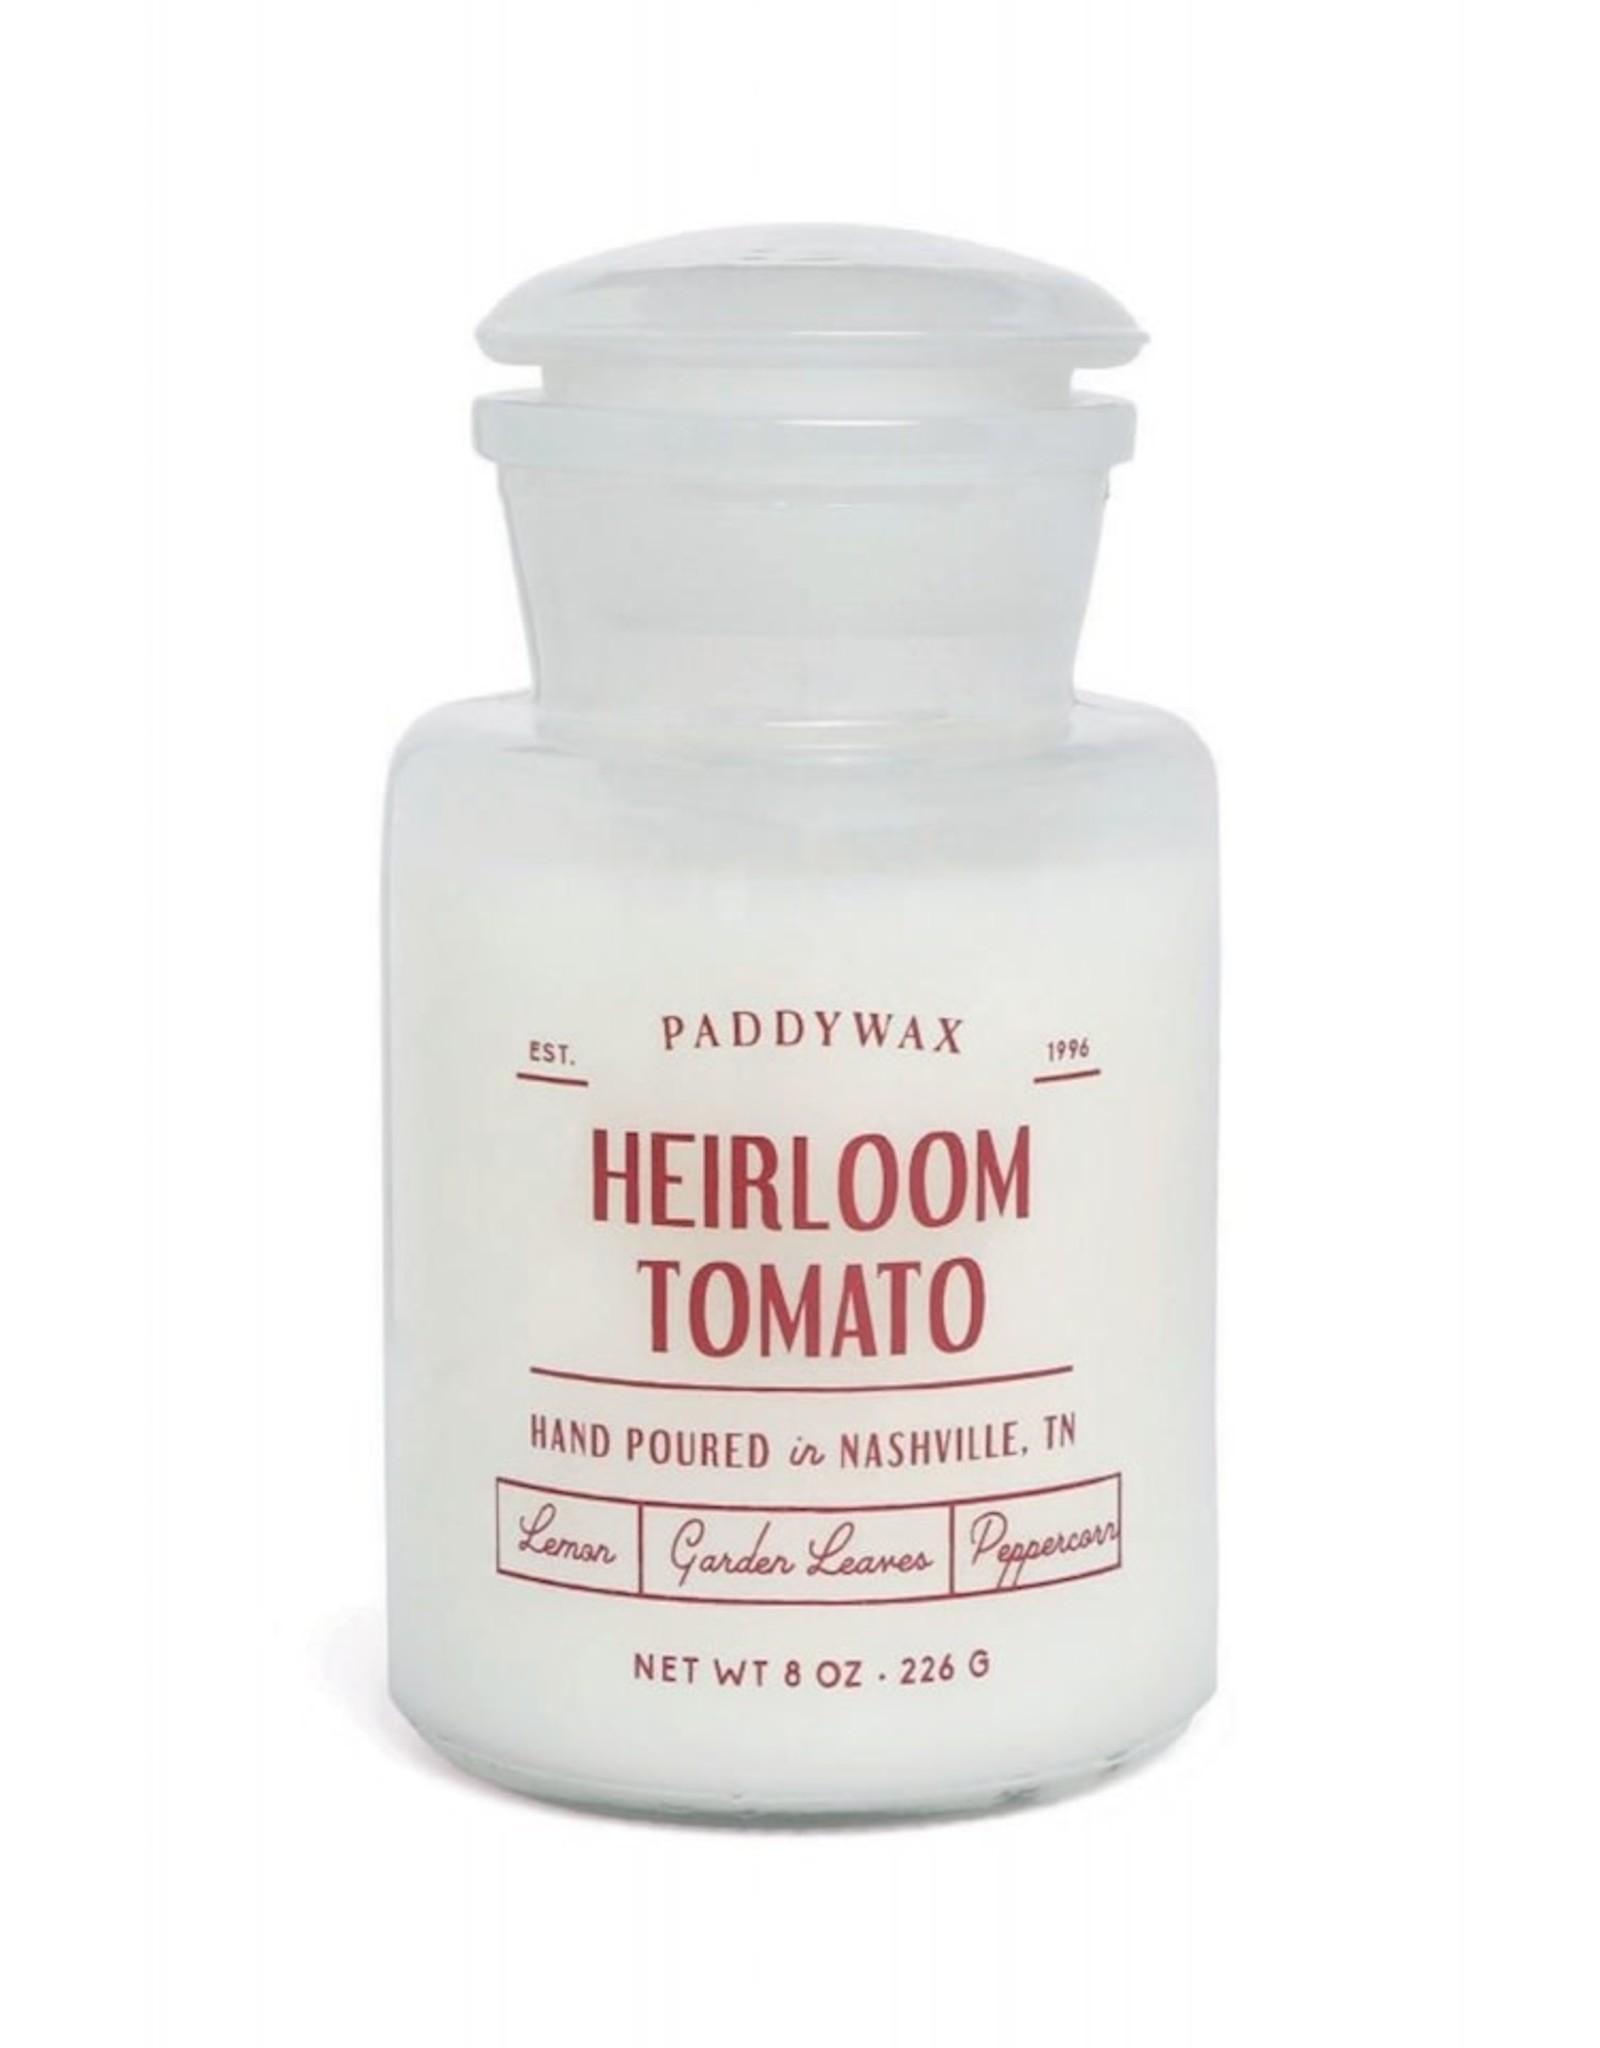 Paddywax Geurkaars sojawas - Heirloom Tomato 226g